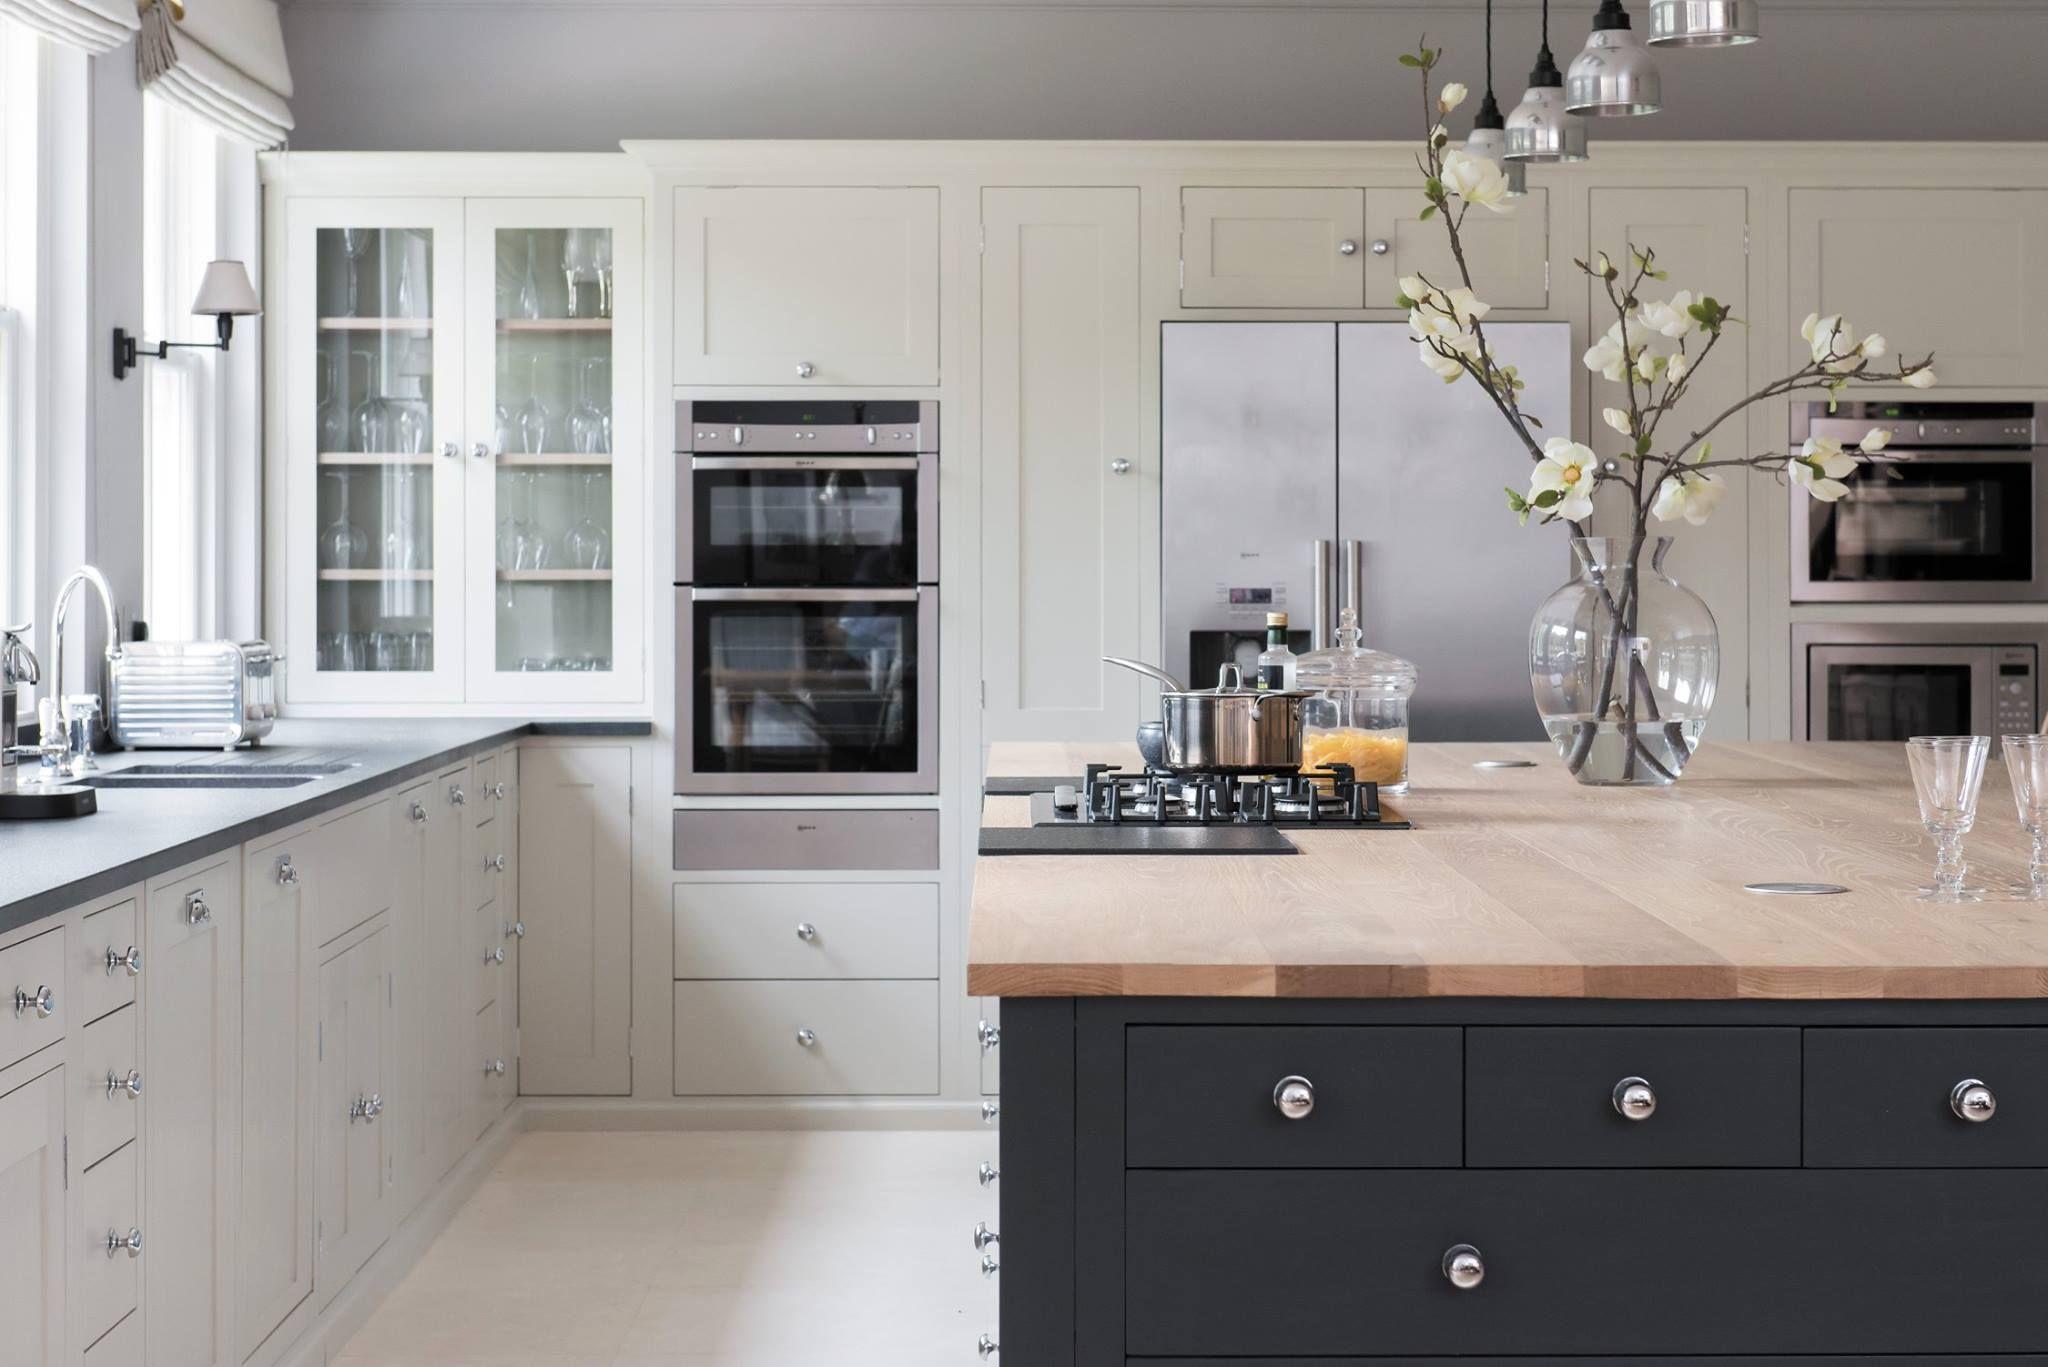 Pin By Hanne Moen On Interior Inspirasjon Pinterest Kitchen